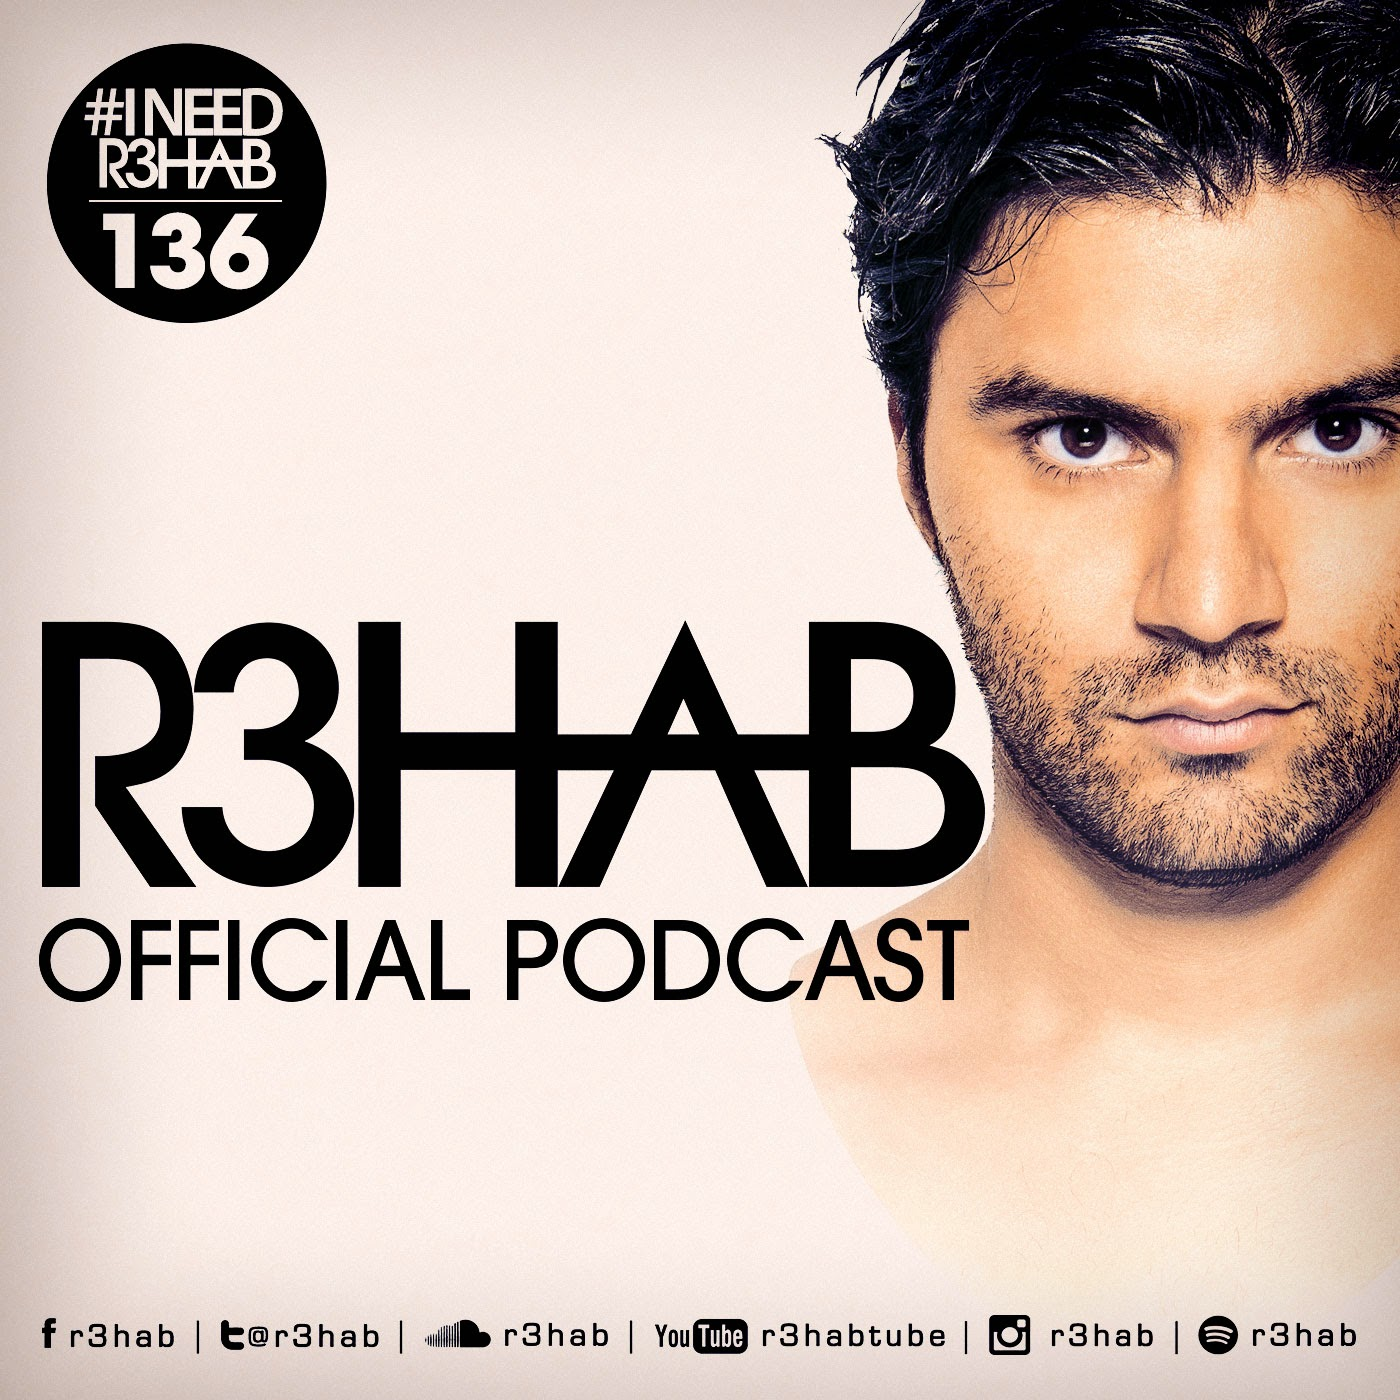 R3HAB - I NEED R3HAB 136